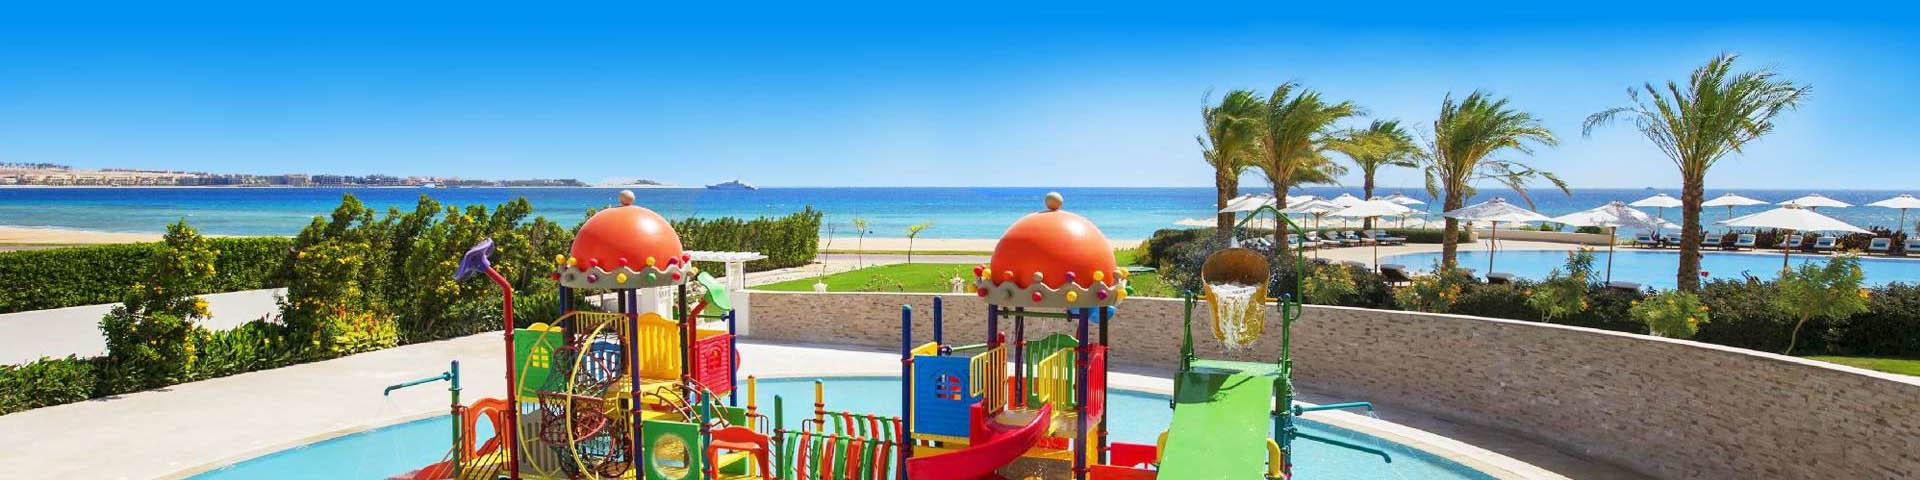 Kinderwaterpark met glijbanen en heldere blauwe zee